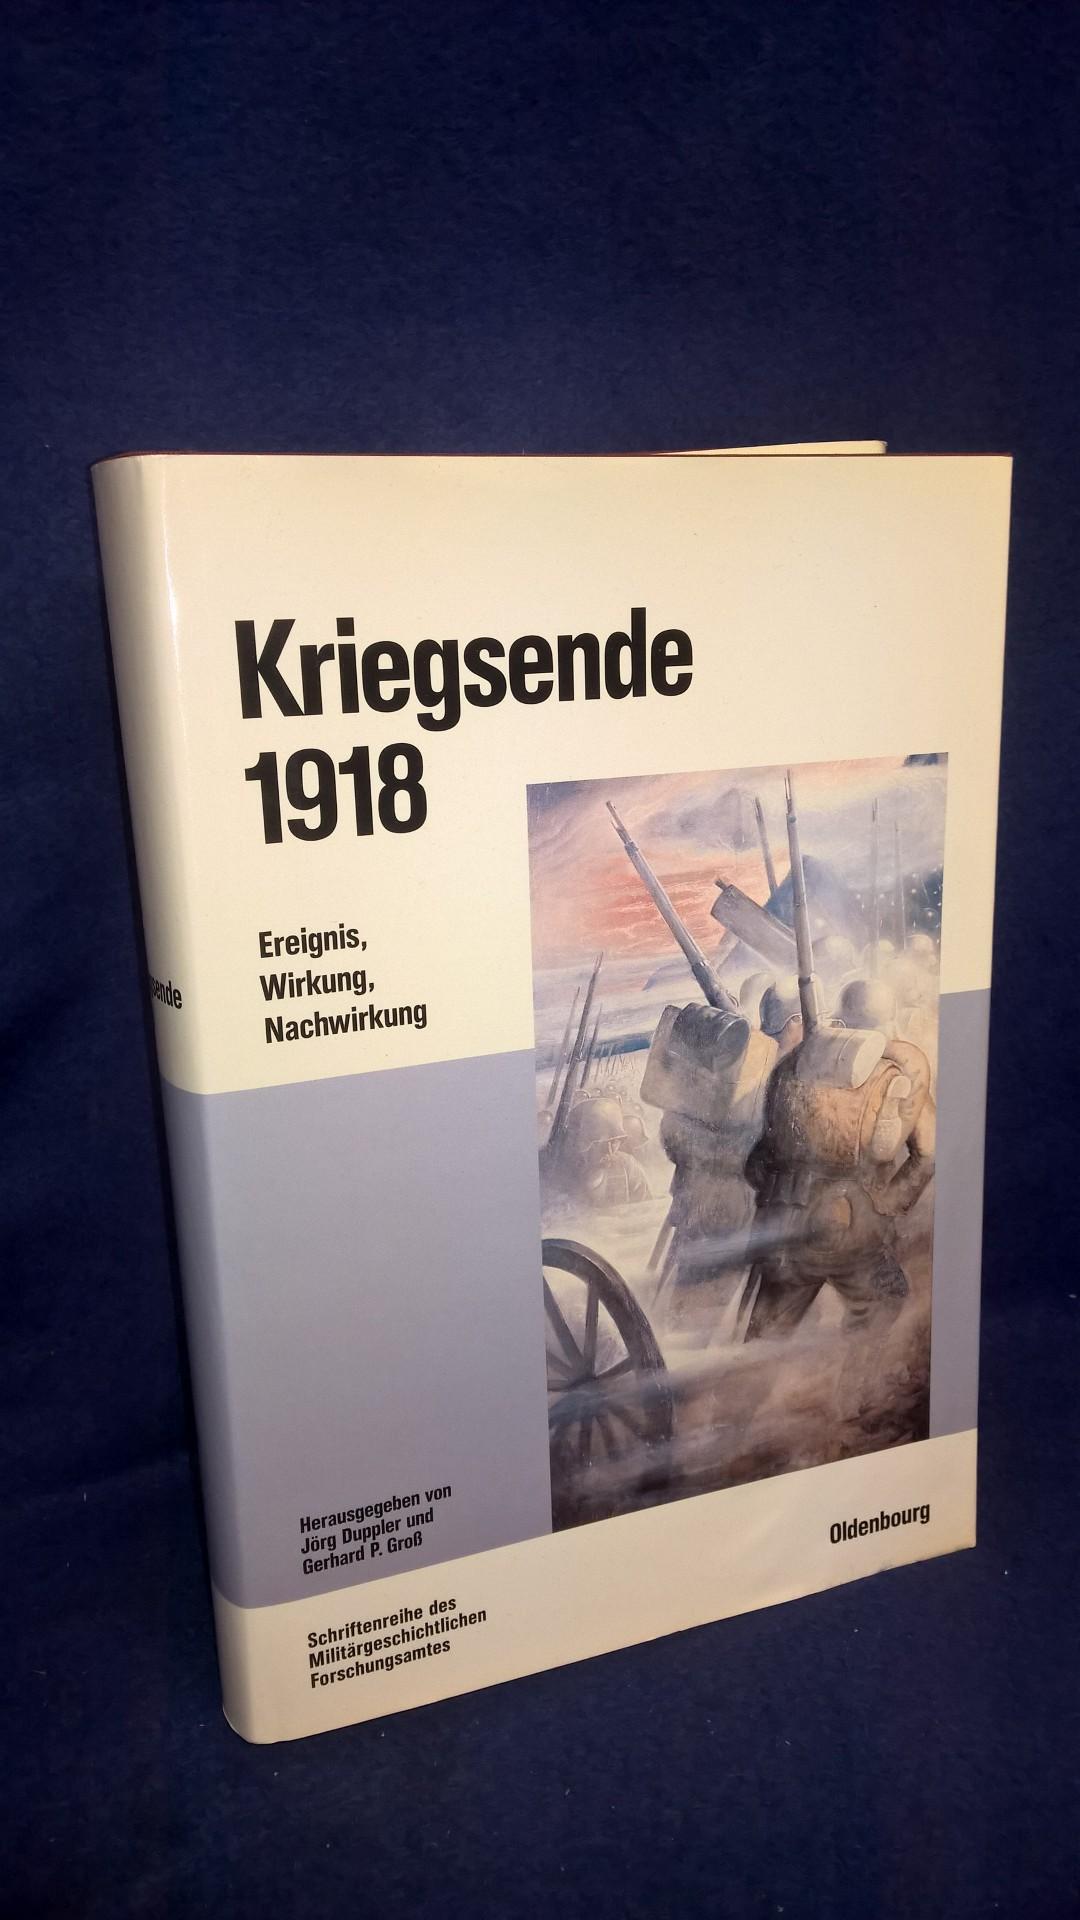 Beiträge zur Militär-und Kriegsgeschichte, Band 53: Kriegsende 1918. Ereignis, Wirkung, Nachwirkung.